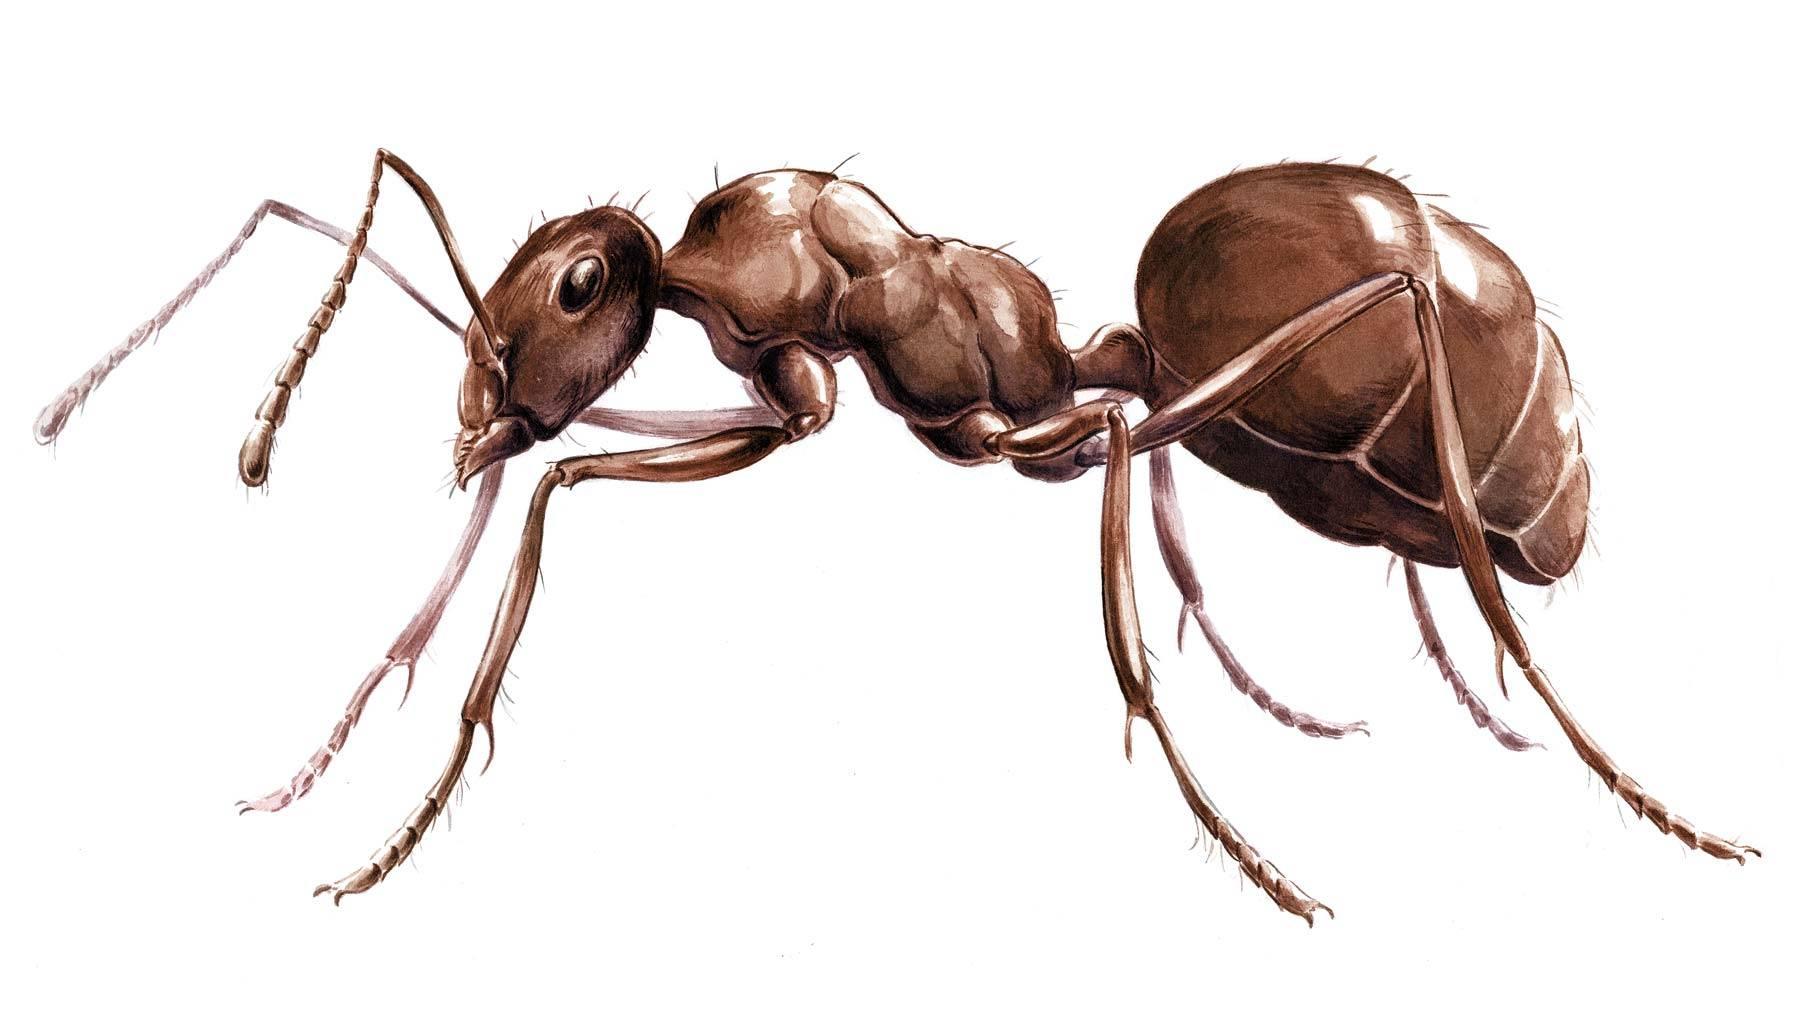 Сколько лапок у муравья и пауков?